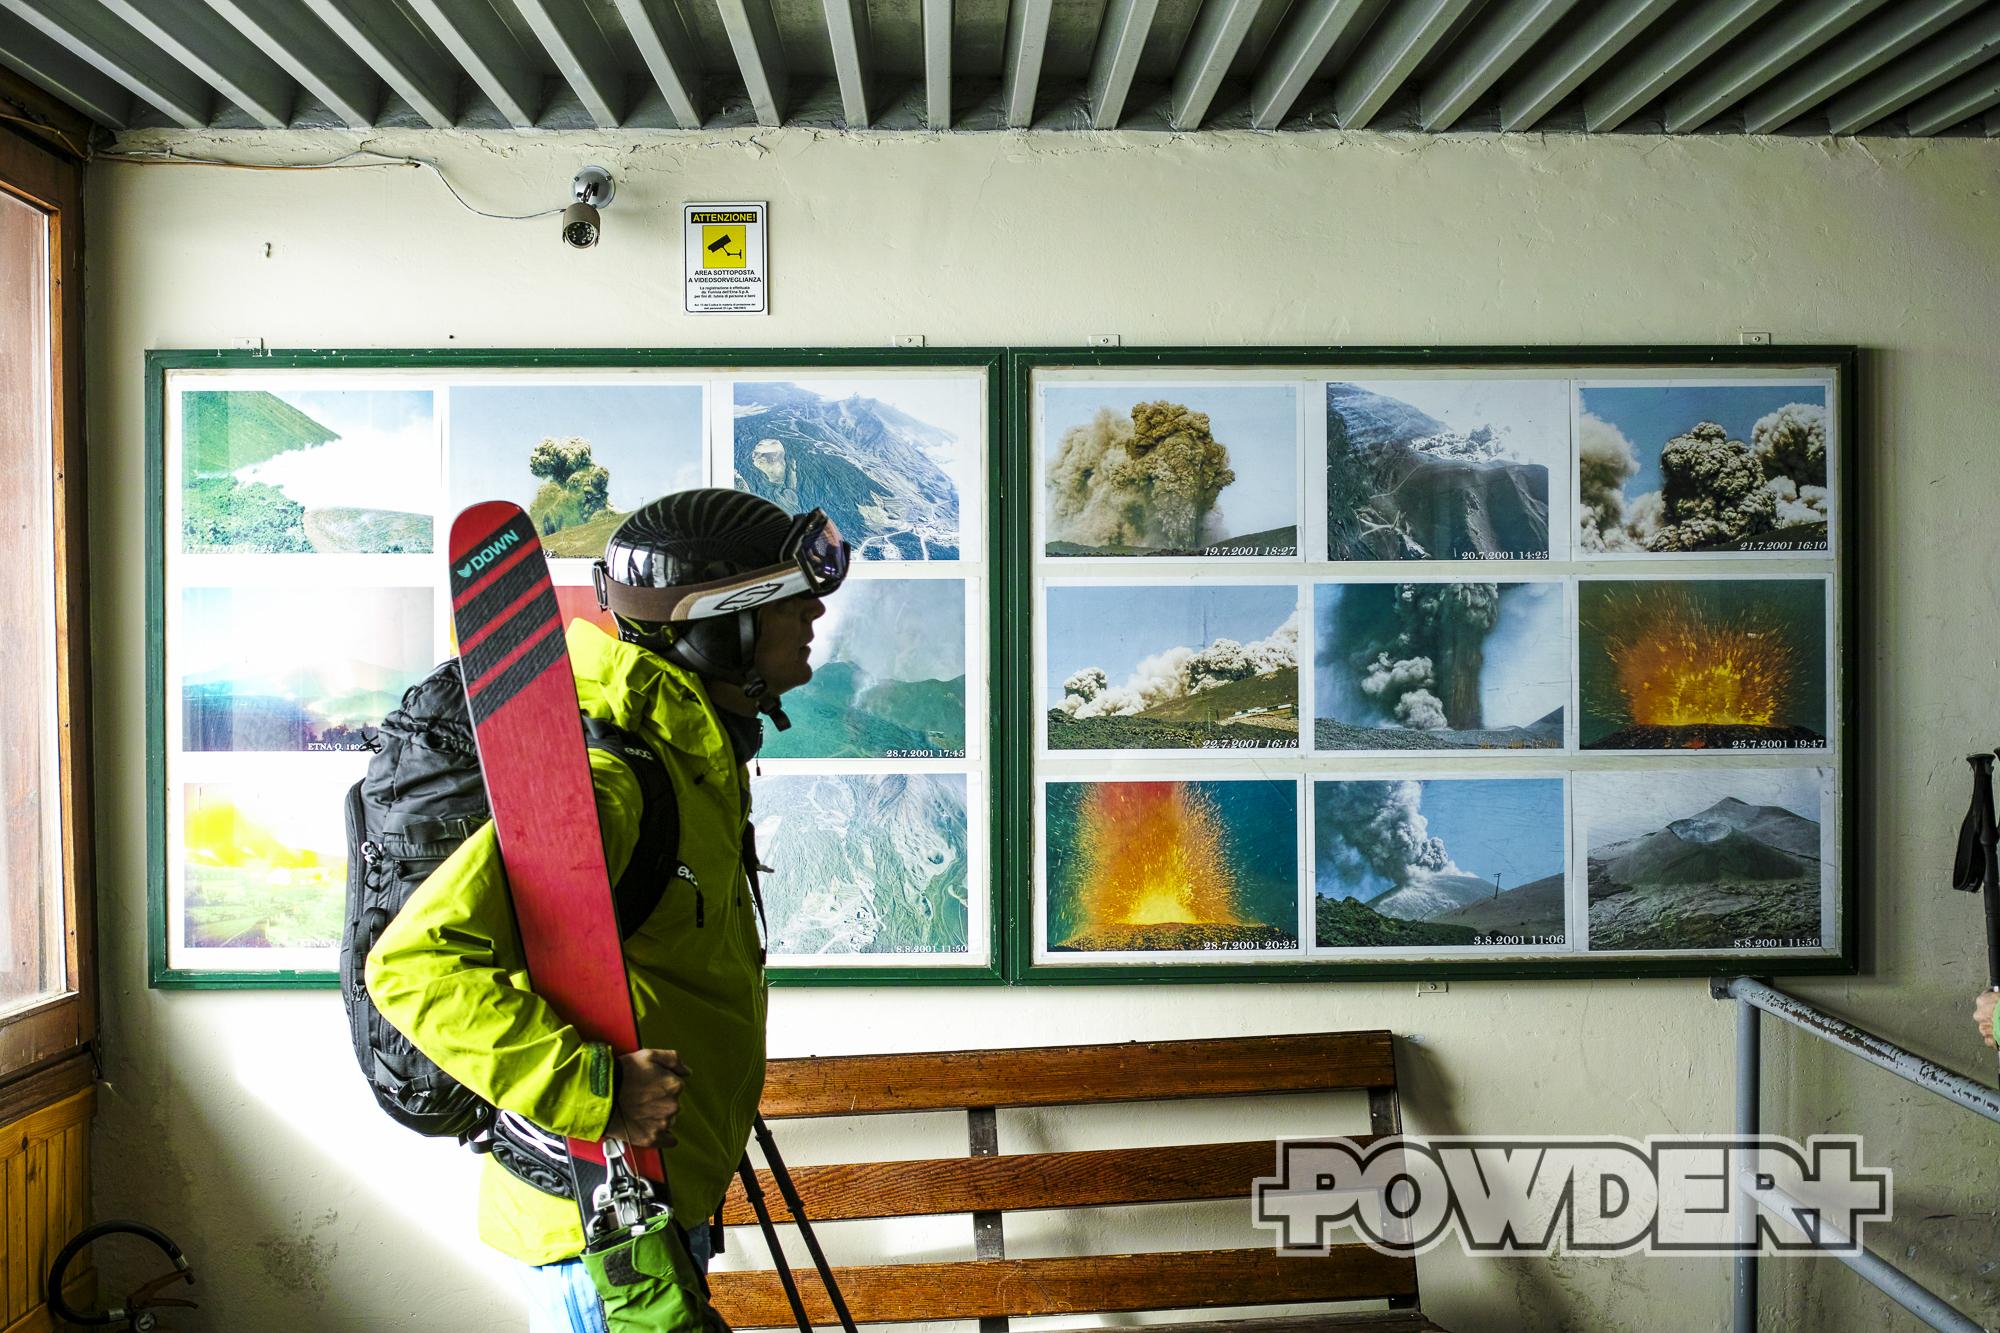 ätna, sizilien, freeride, skitour, skitouring, schwarze materie, skitour ätna,etna, freeride ätna